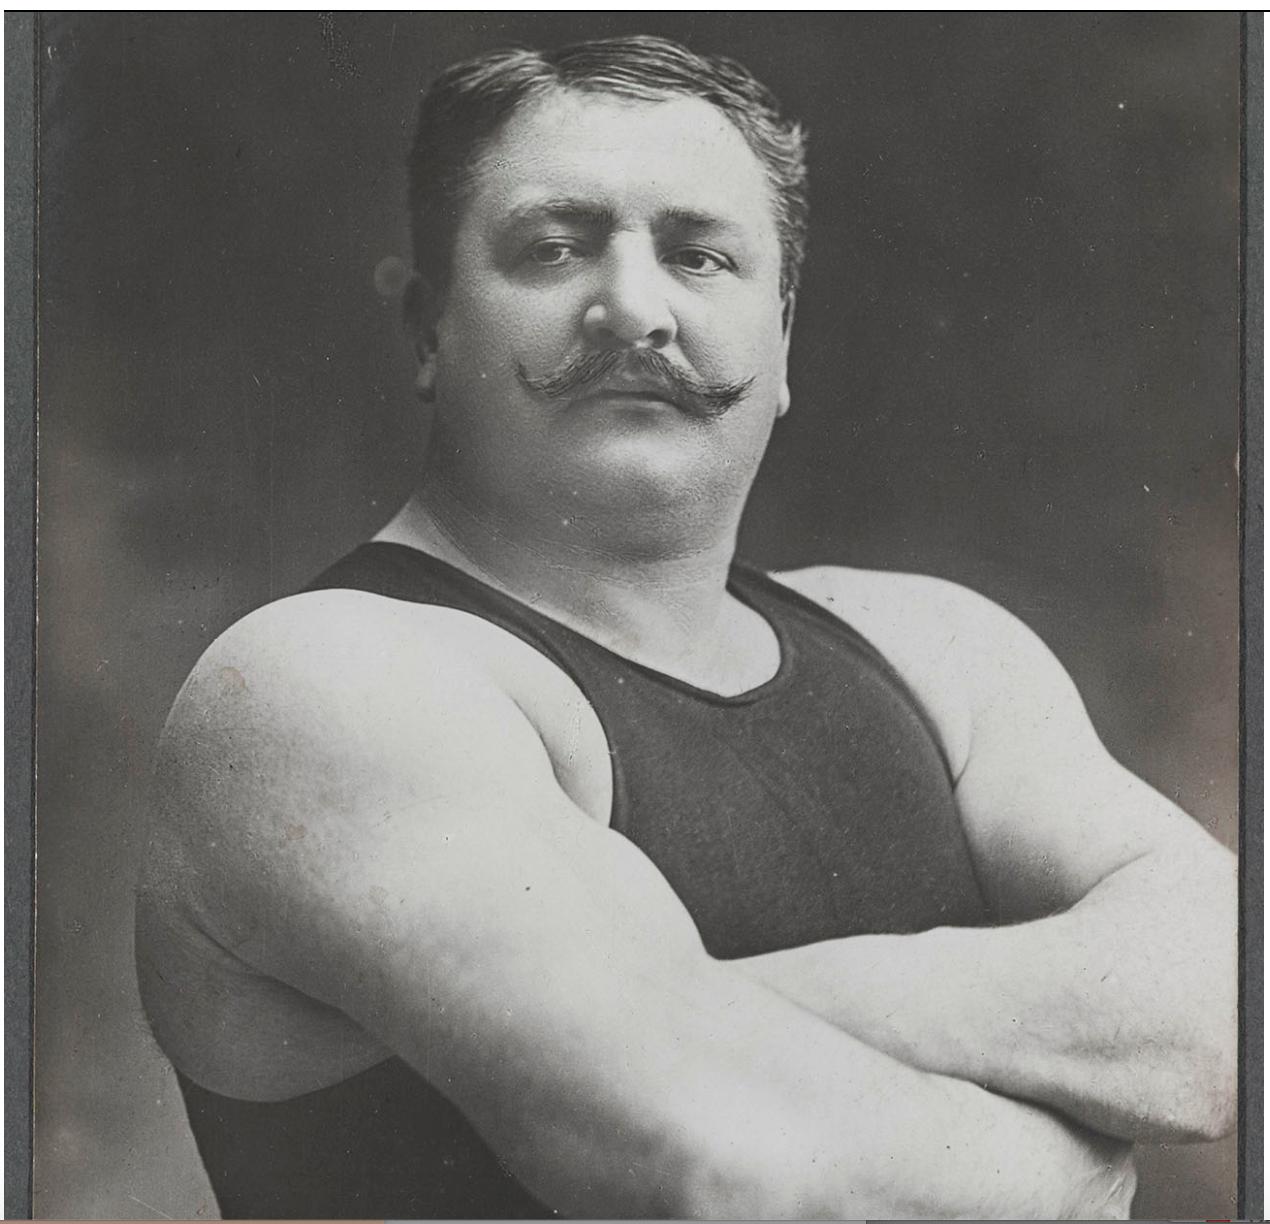 « Krumer (lutteur) », fin du XIXe - début du XXe siècle. Carte postale. Mucem, Fonds d'archives Gustave Soury © RMN-Grand Palais (Mucem) / Franck Raux